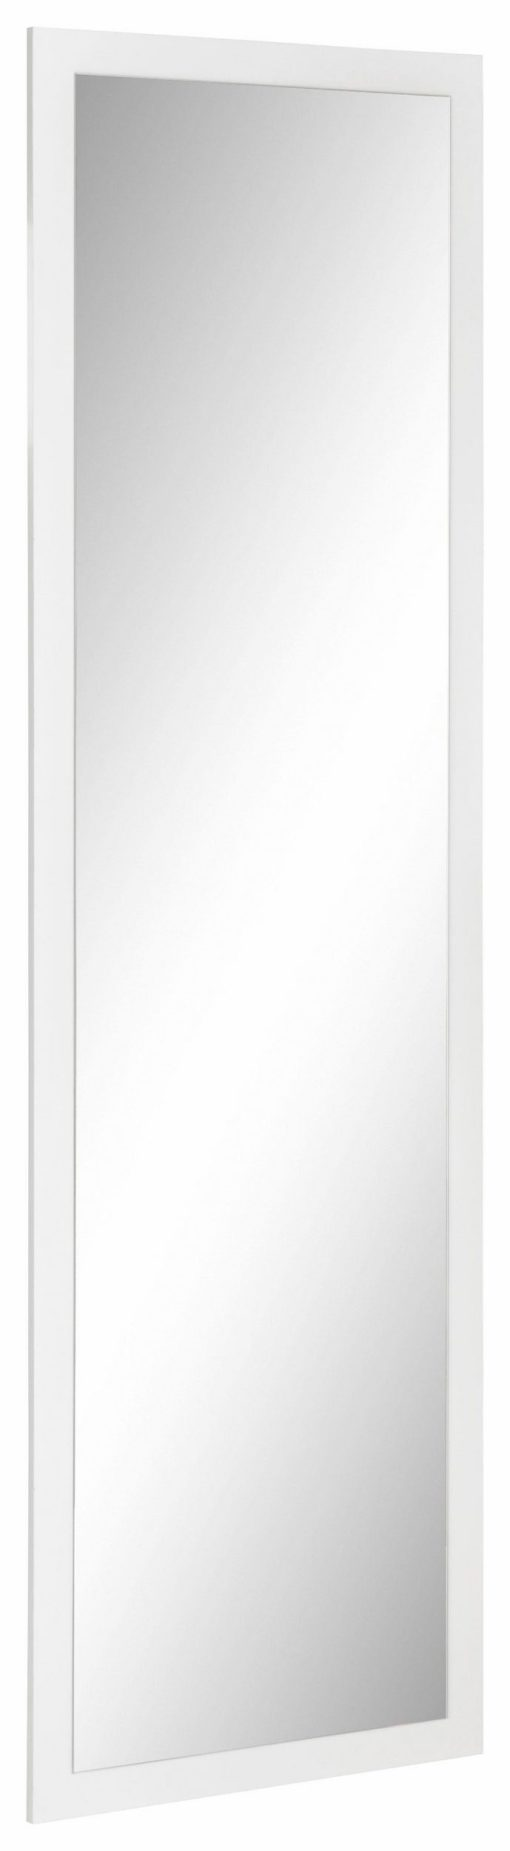 Duże, eleganckie lustro, biała matowa rama